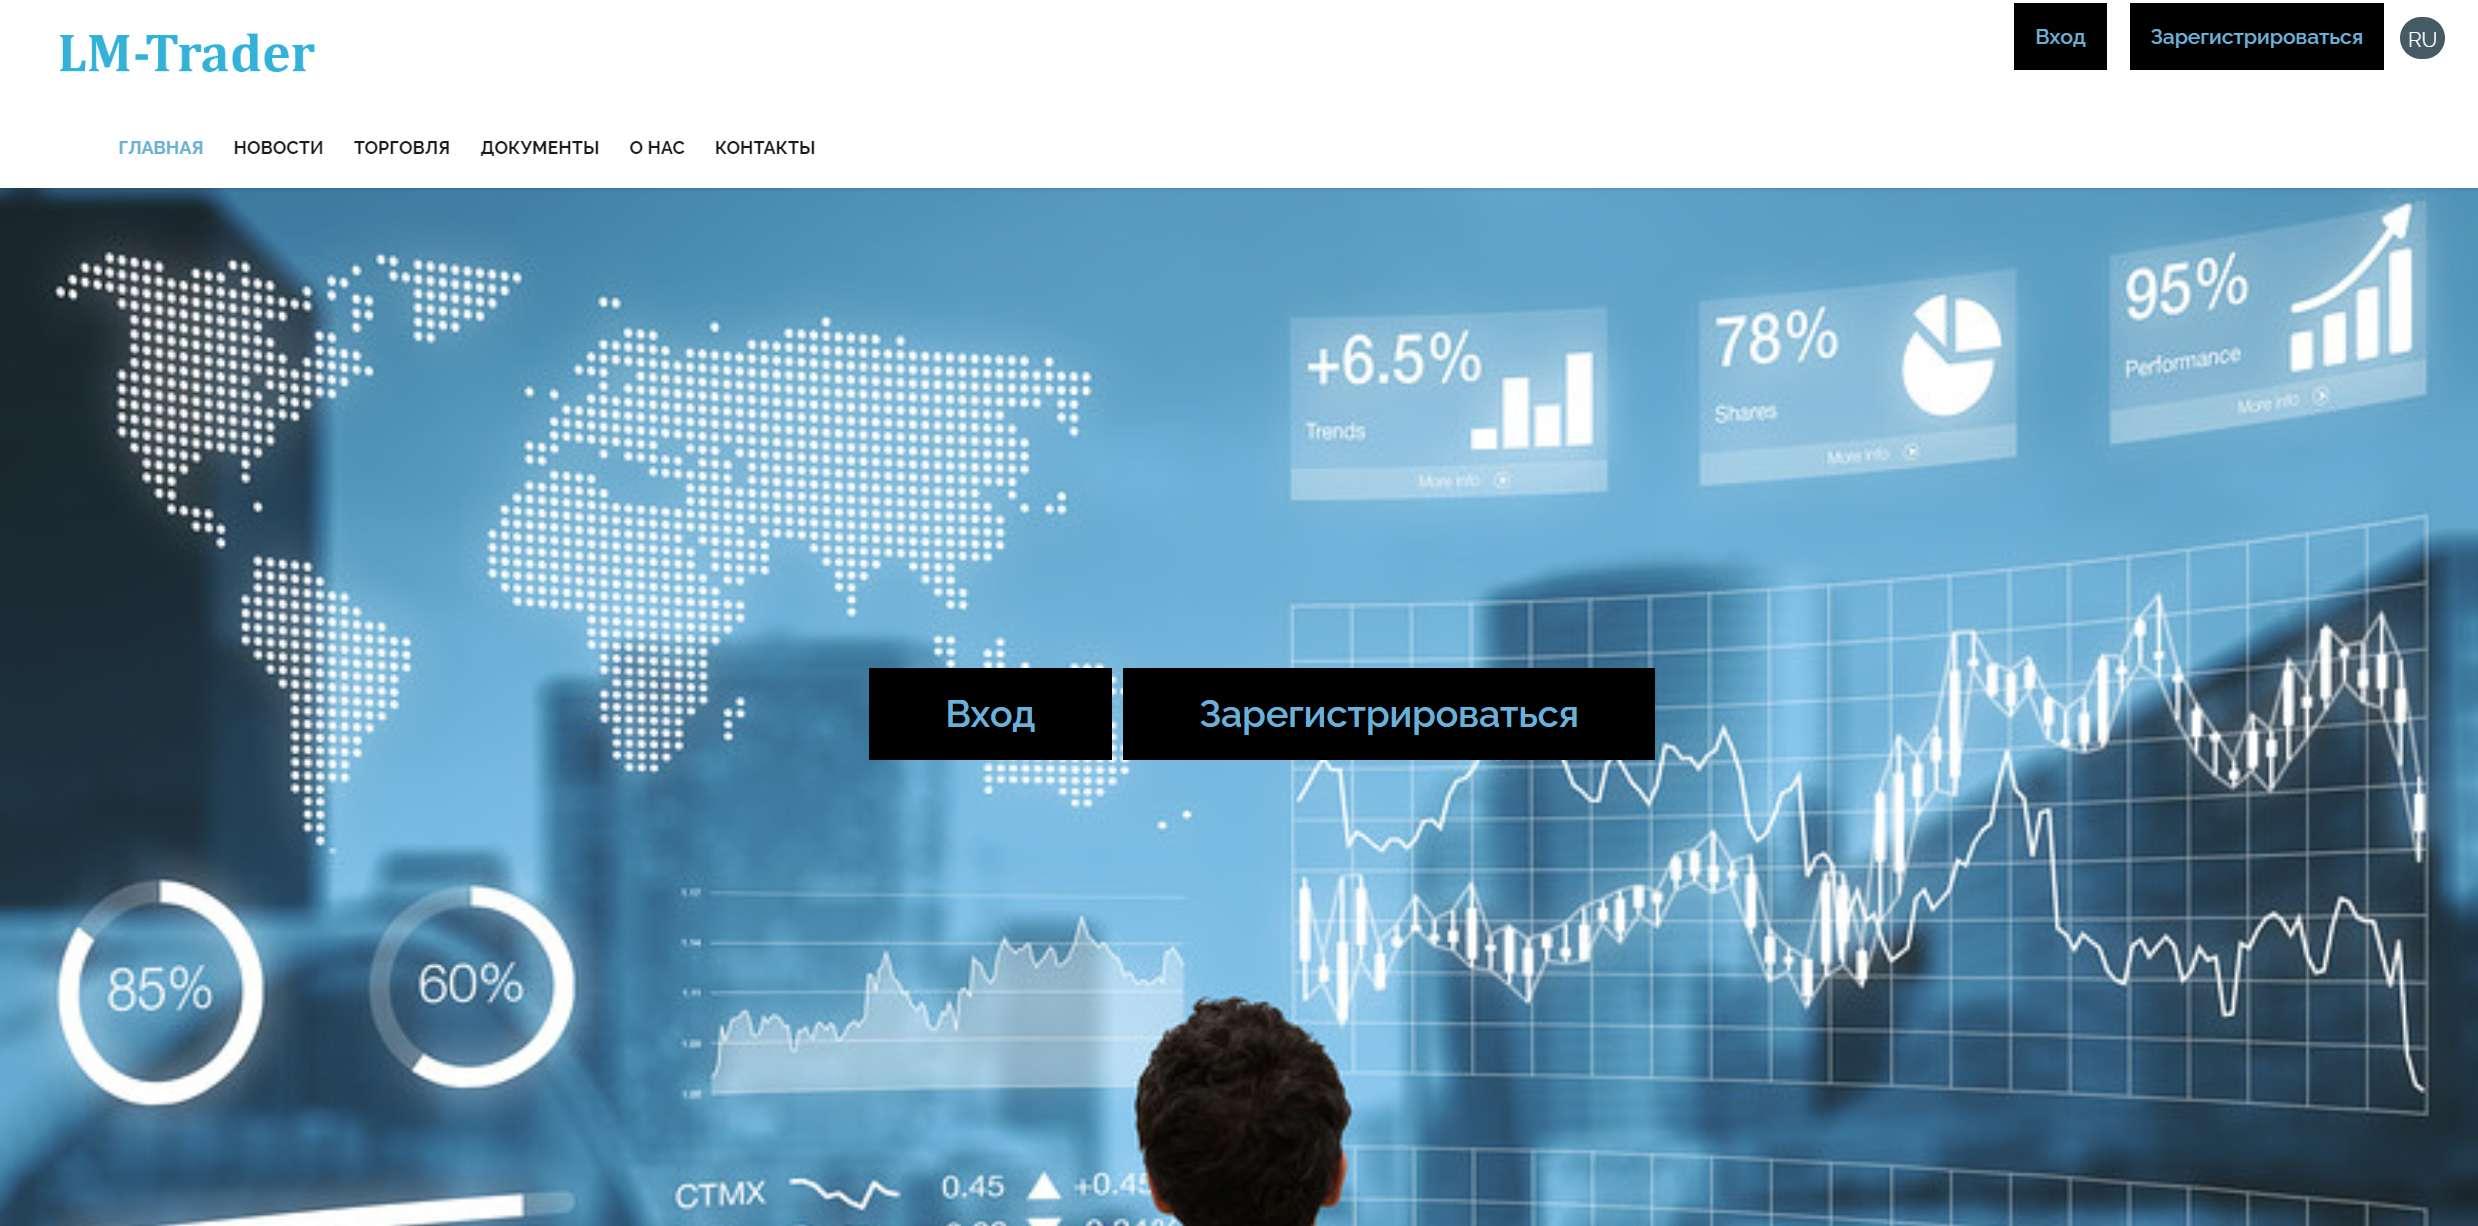 LM Trader — очередной лохотрон на финансовом рынке. Отзывы и обзор.